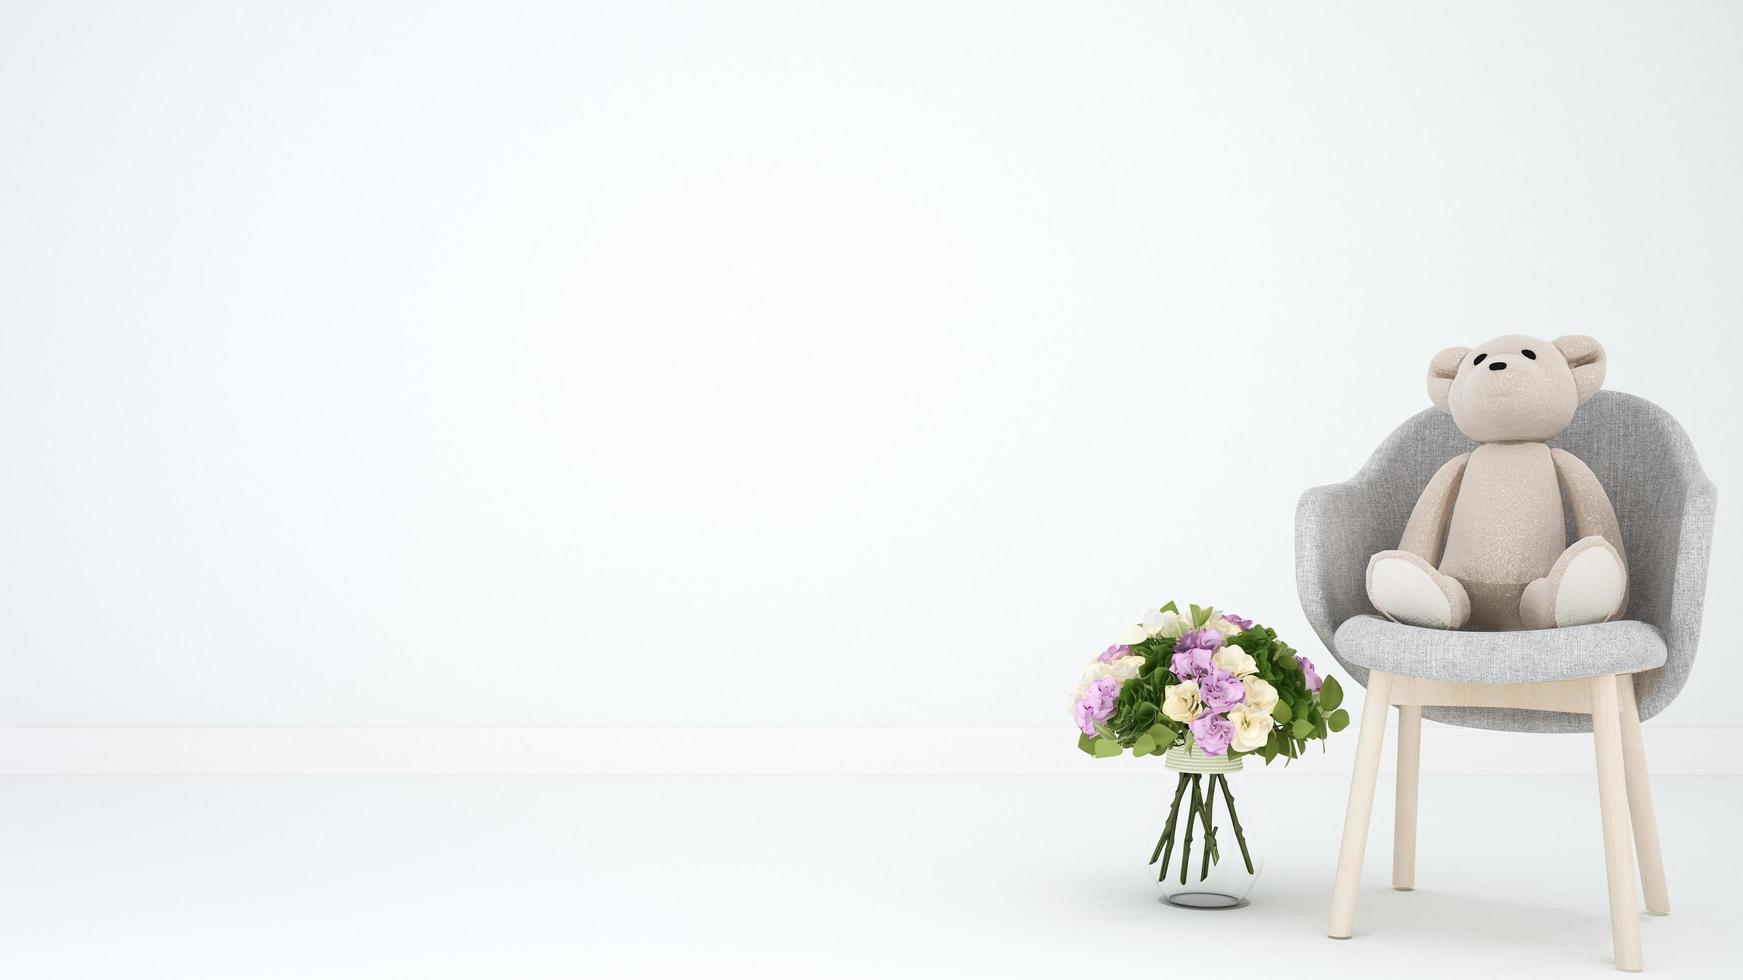 nalle på fåtölj och blomma för konstverk foto